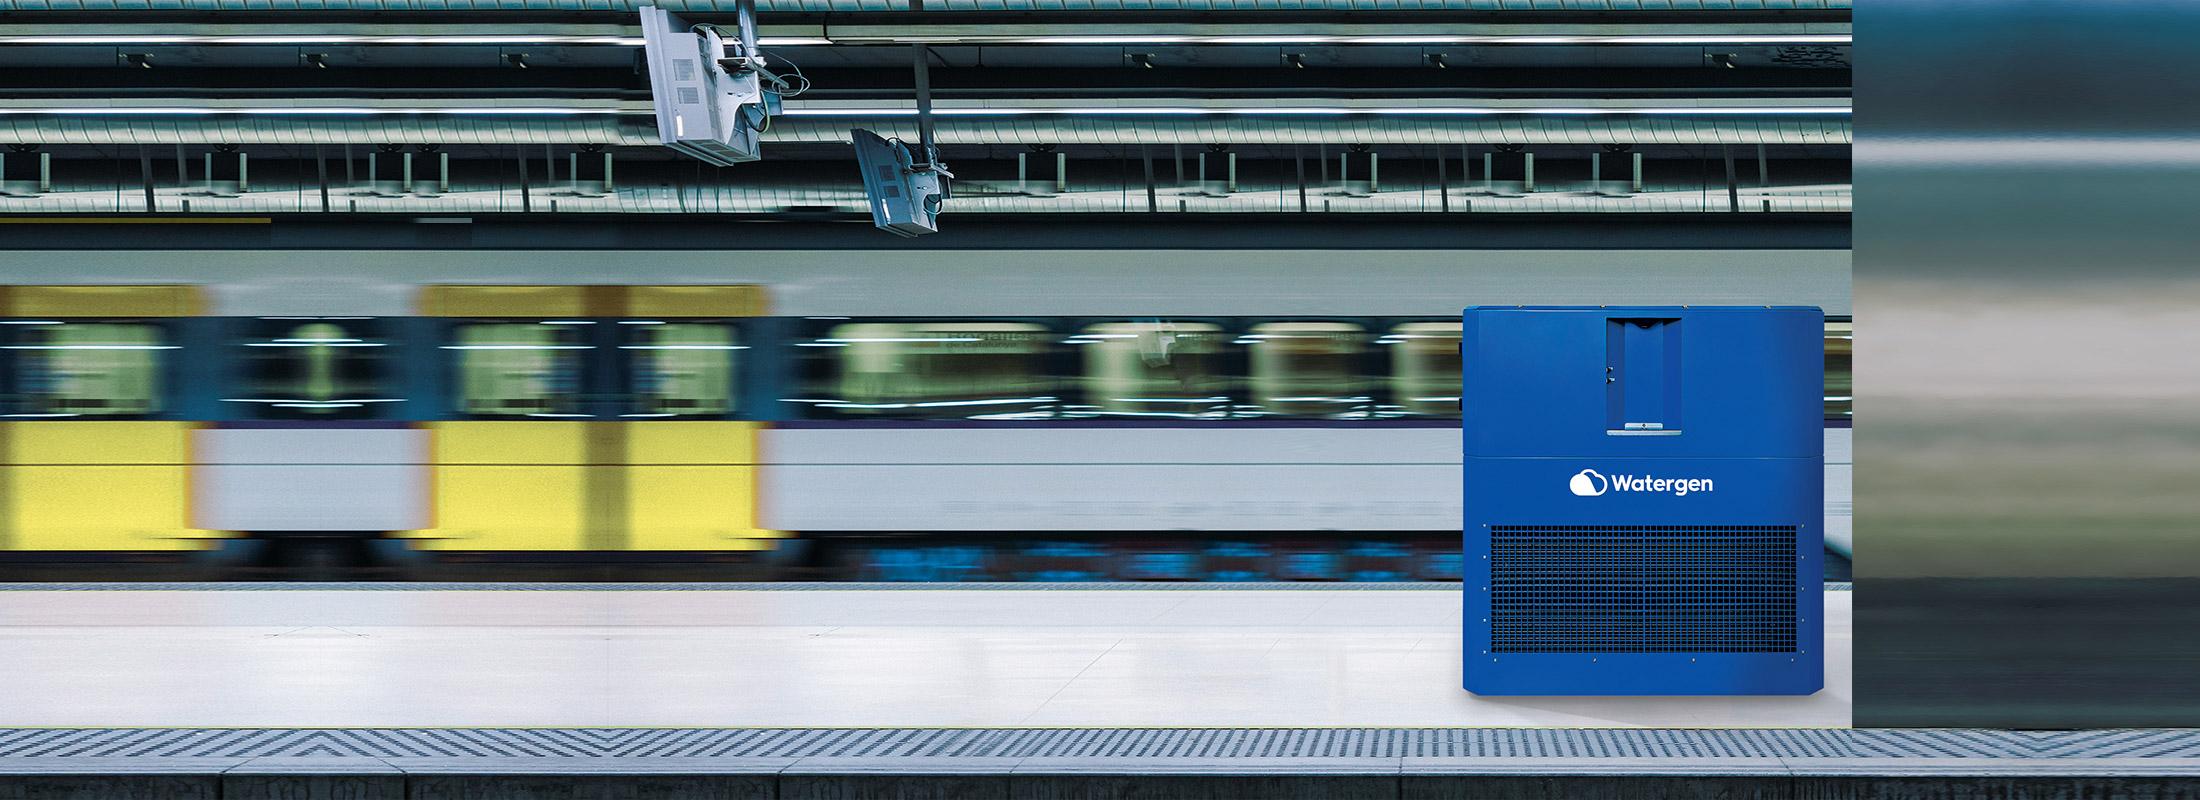 gen-m-train-banner